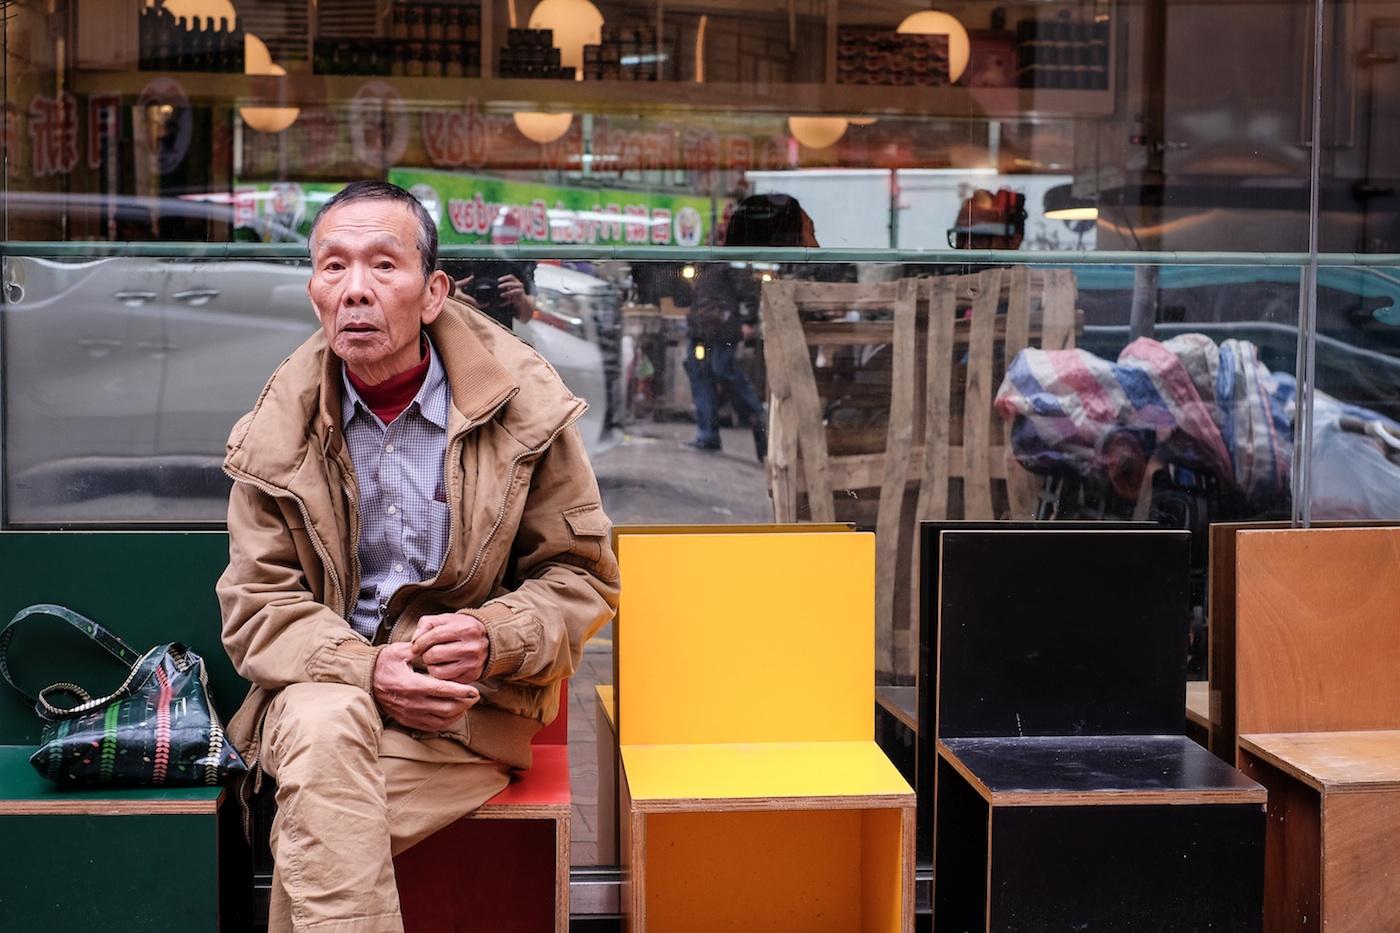 Zolima_French Bistro_Nicolas Petit-8_SP_sitting man_copy